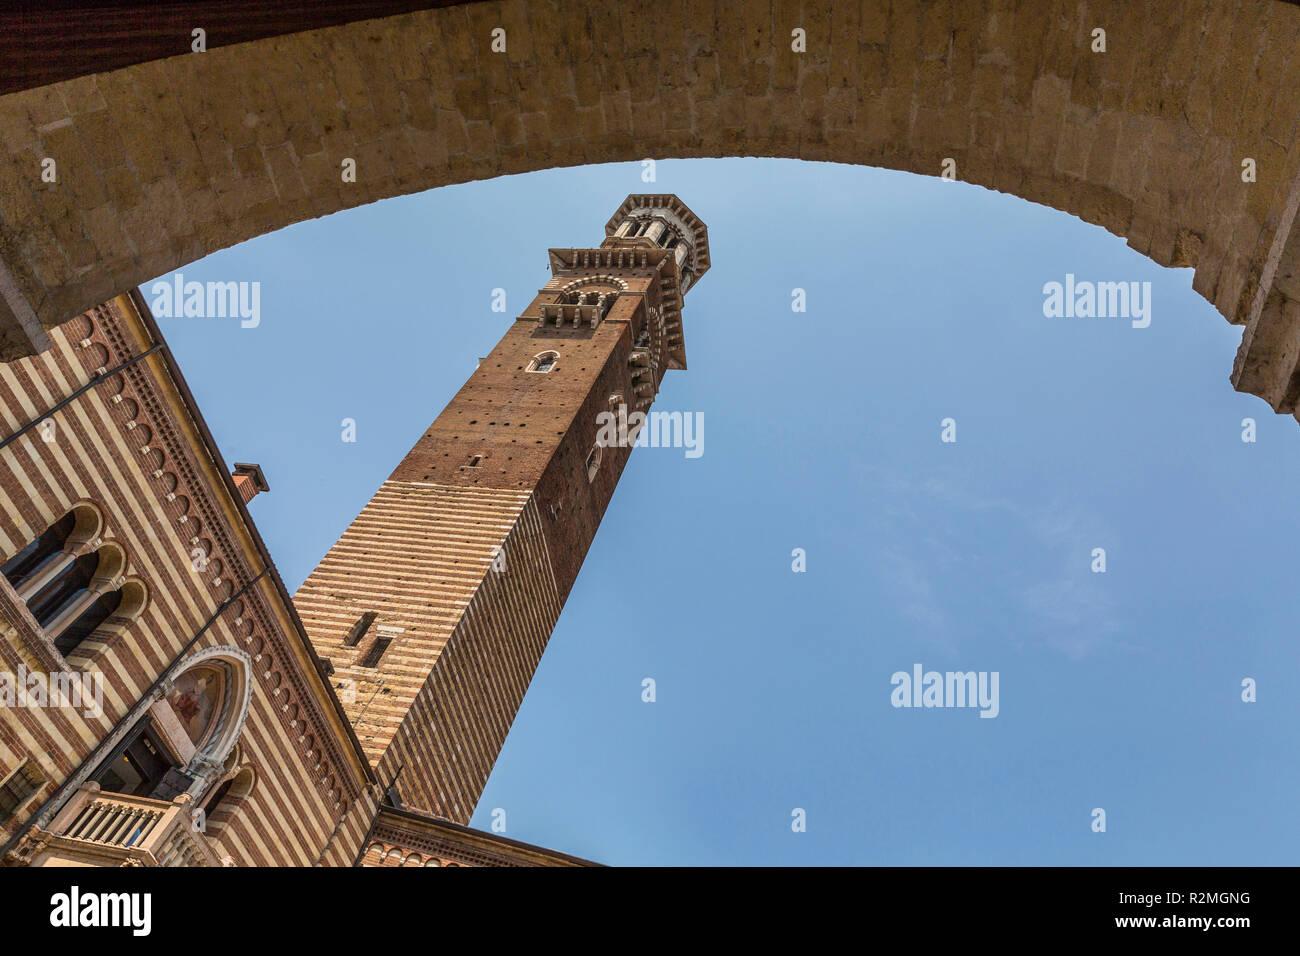 Torre dei Lamberti, historic lookout tower, Palazzo del Mercato Vecchio, Palazzo della Ragione, Piazza dei Signori, Verona, Veneto, Italy, Europe - Stock Image